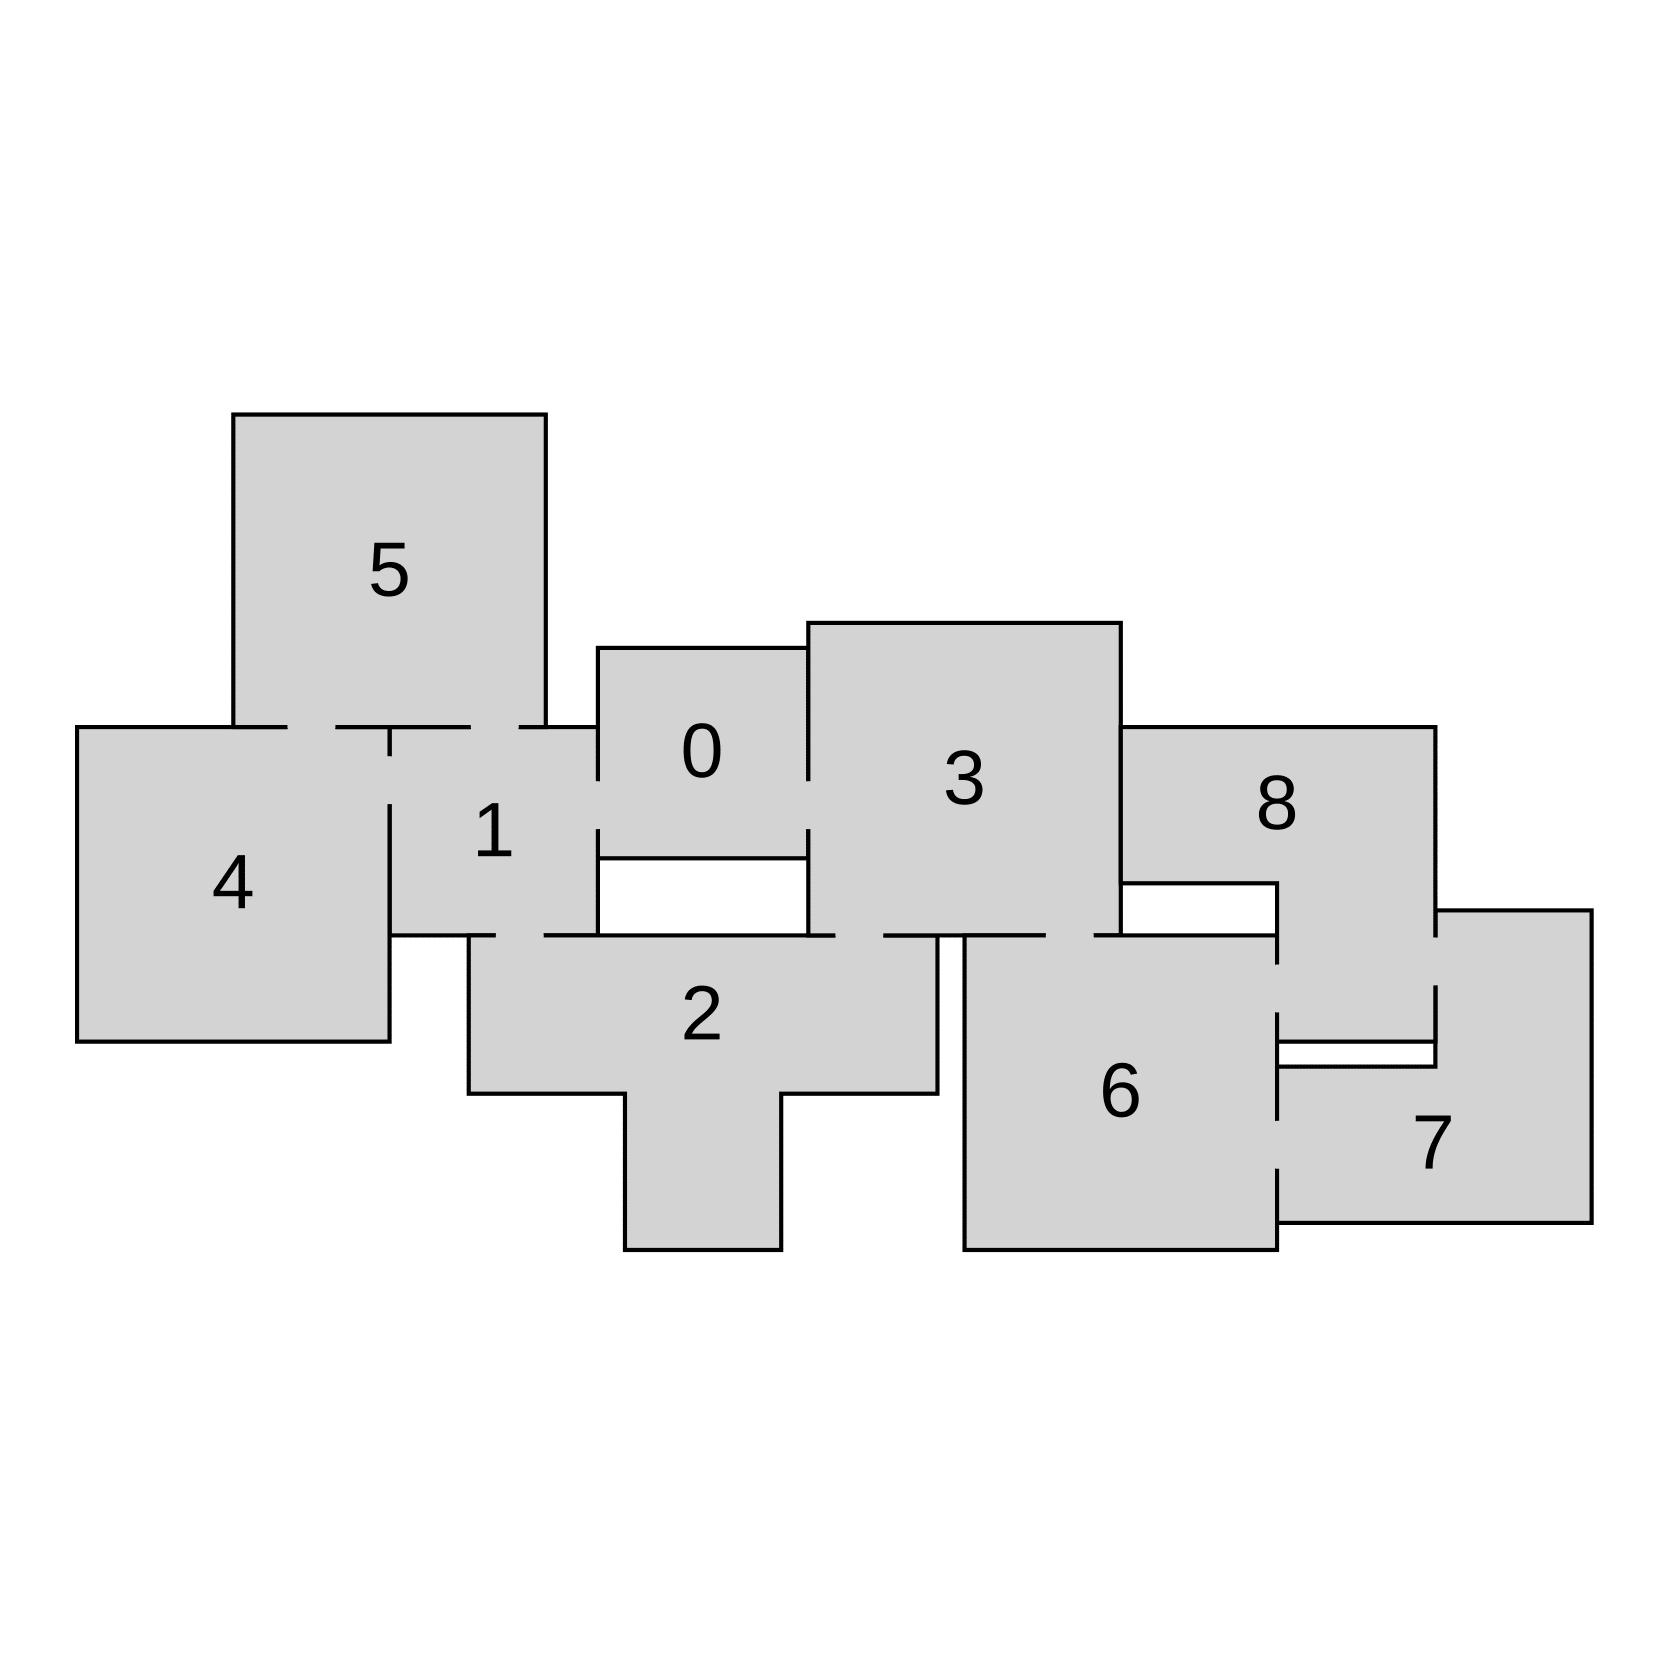 Генератор подземелий на основе узлов графа - 4